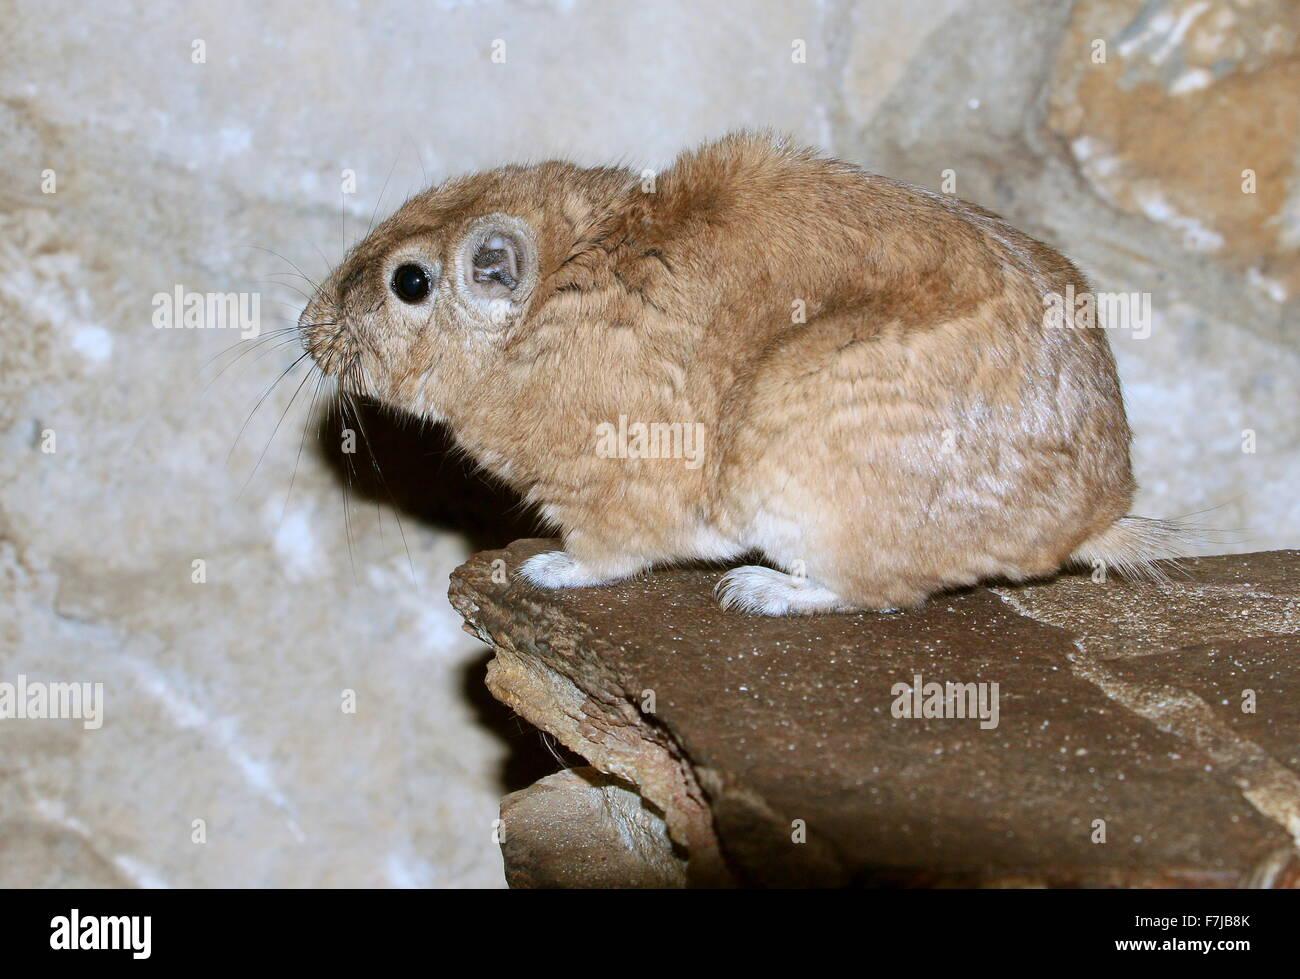 North African Common Gundi (Ctenodactylus gundi) - Stock Image